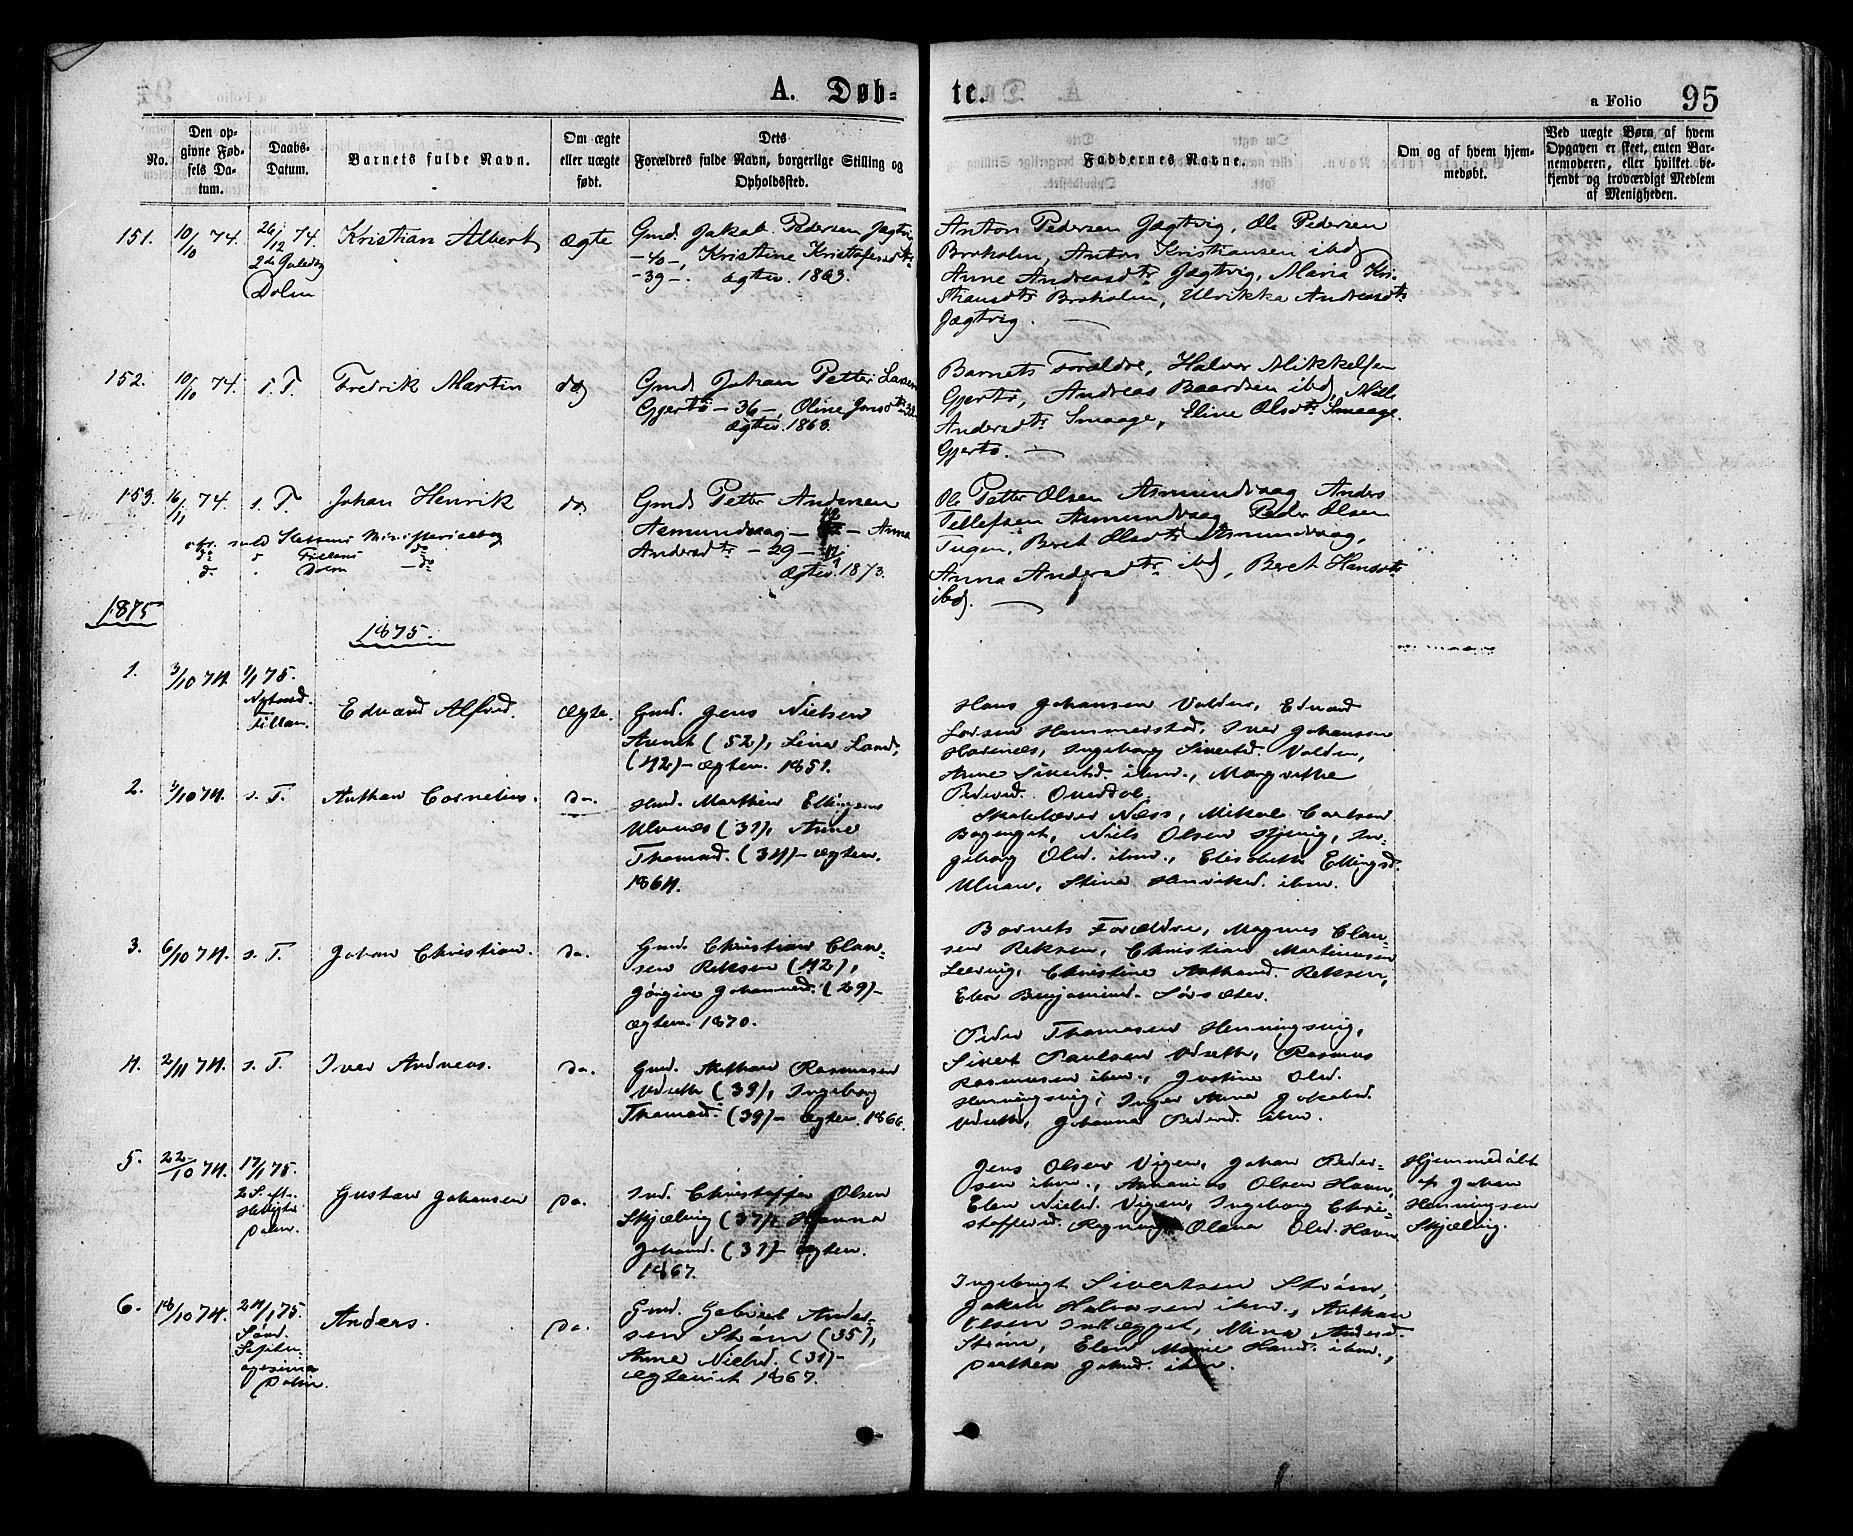 SAT, Ministerialprotokoller, klokkerbøker og fødselsregistre - Sør-Trøndelag, 634/L0532: Ministerialbok nr. 634A08, 1871-1881, s. 95